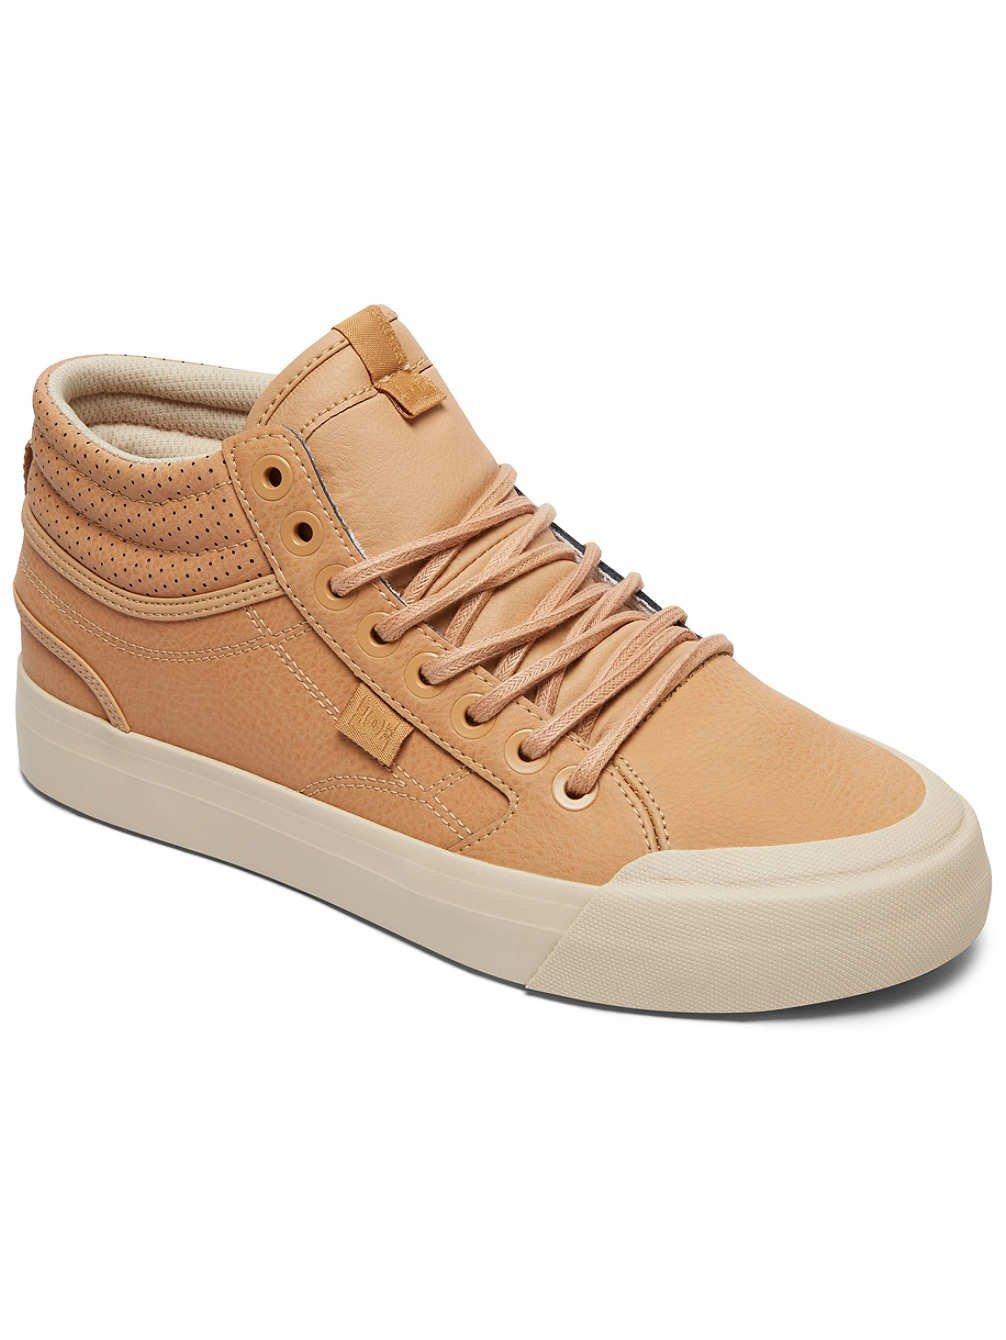 DC Shoes Evan HI SE - Zapatillas Altas para Mujer ADJS300182 38 EU|Marron